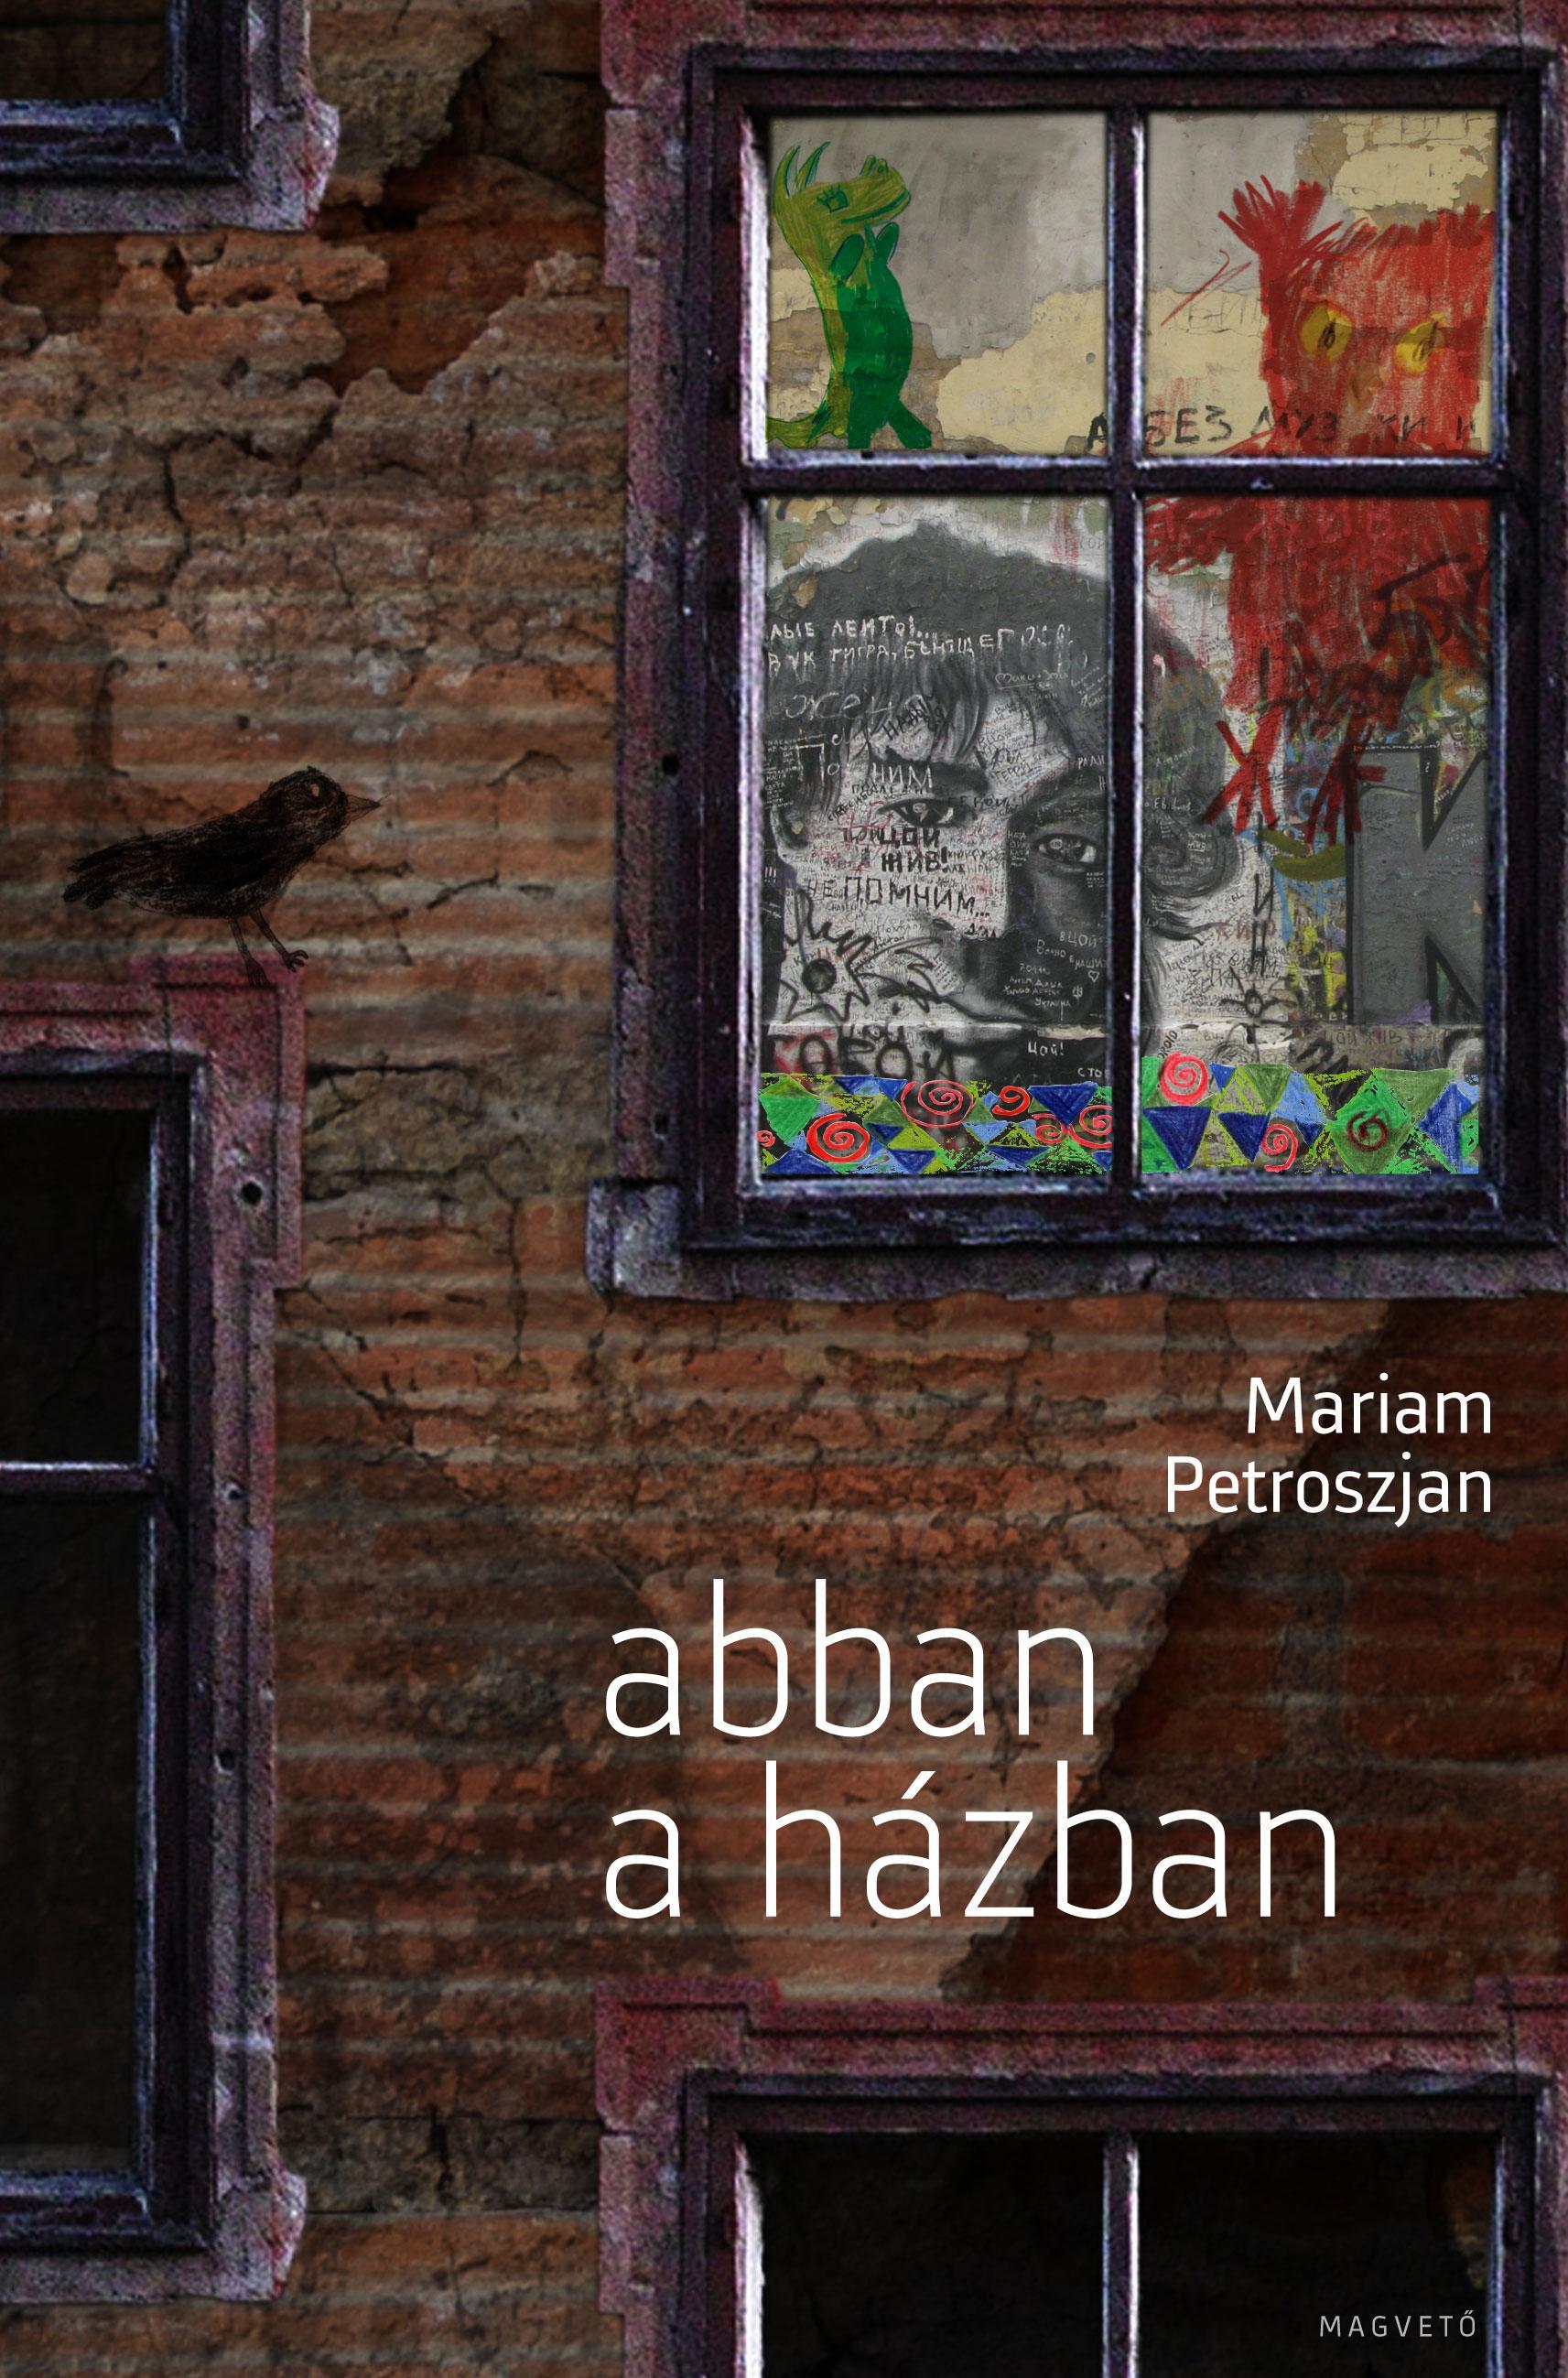 PETROSZJAN, MARIAM - ABBAN A HÁZBAN -